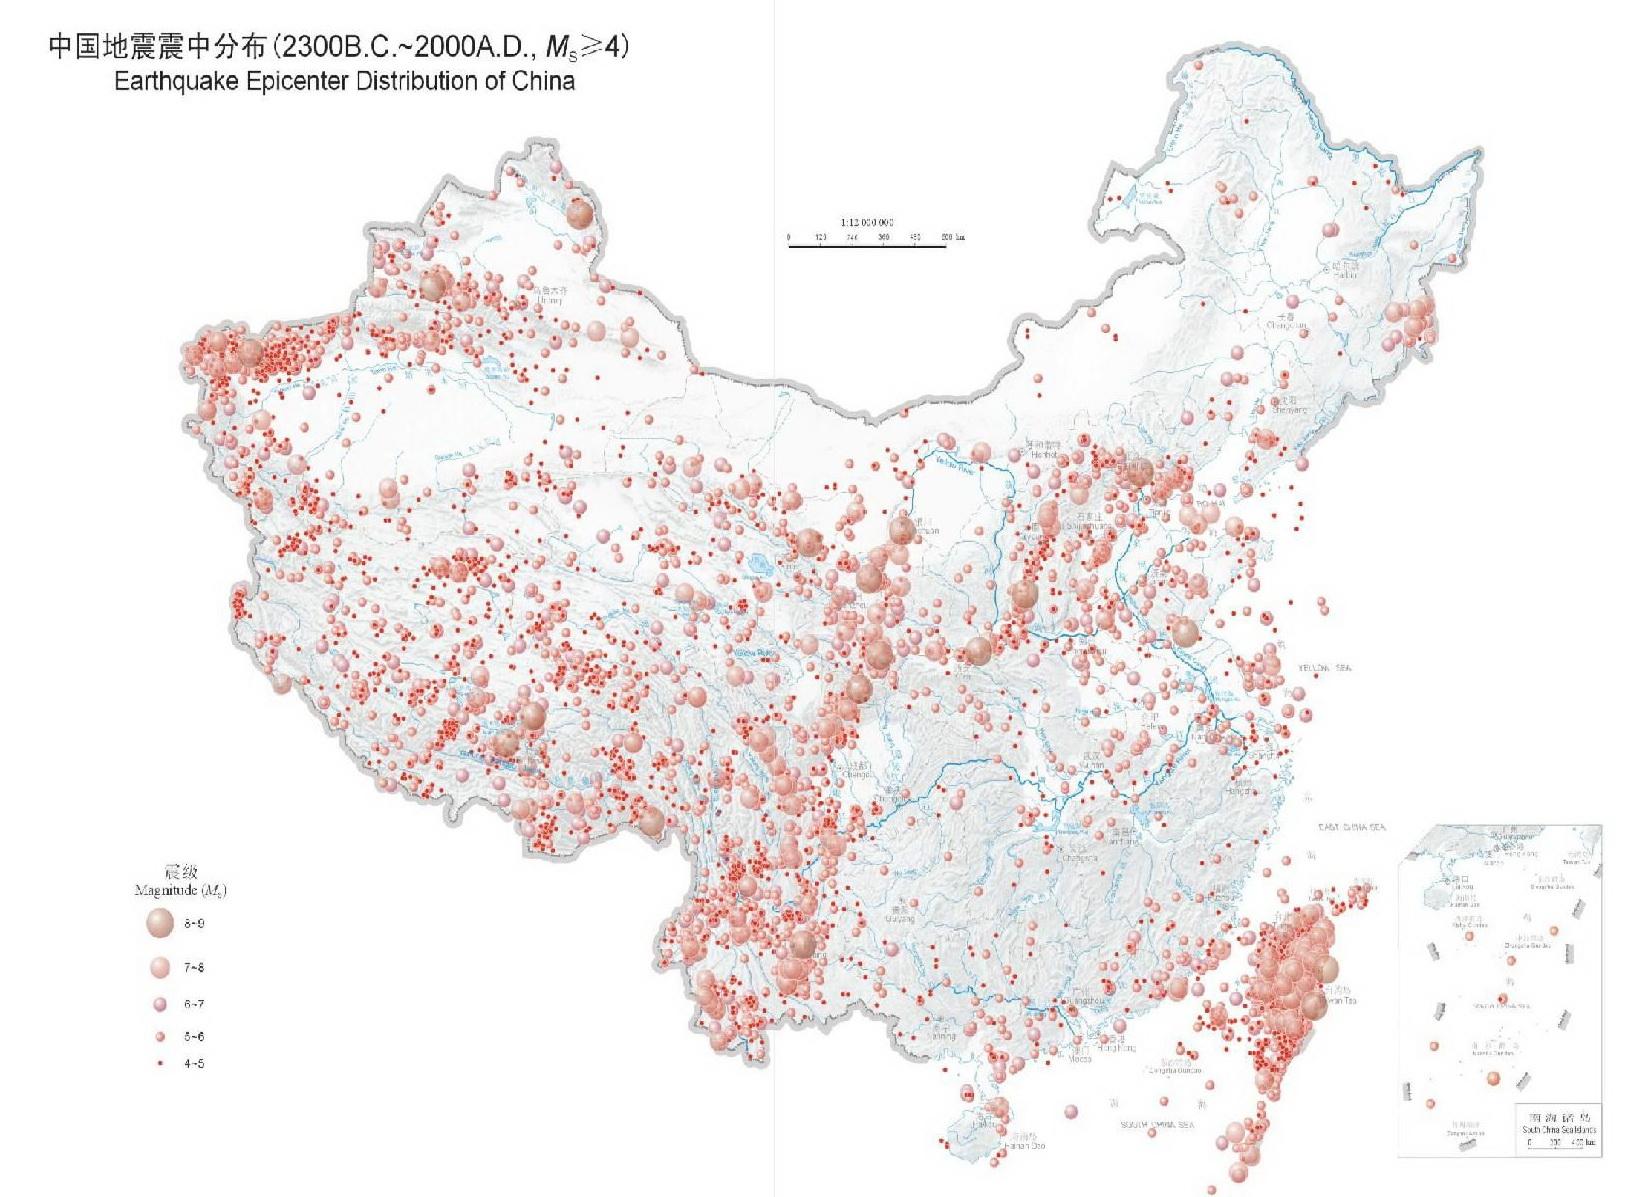 中国五千年4级以上地震历史分布图 - 为爱而奋斗 - 为爱而奋斗的博客